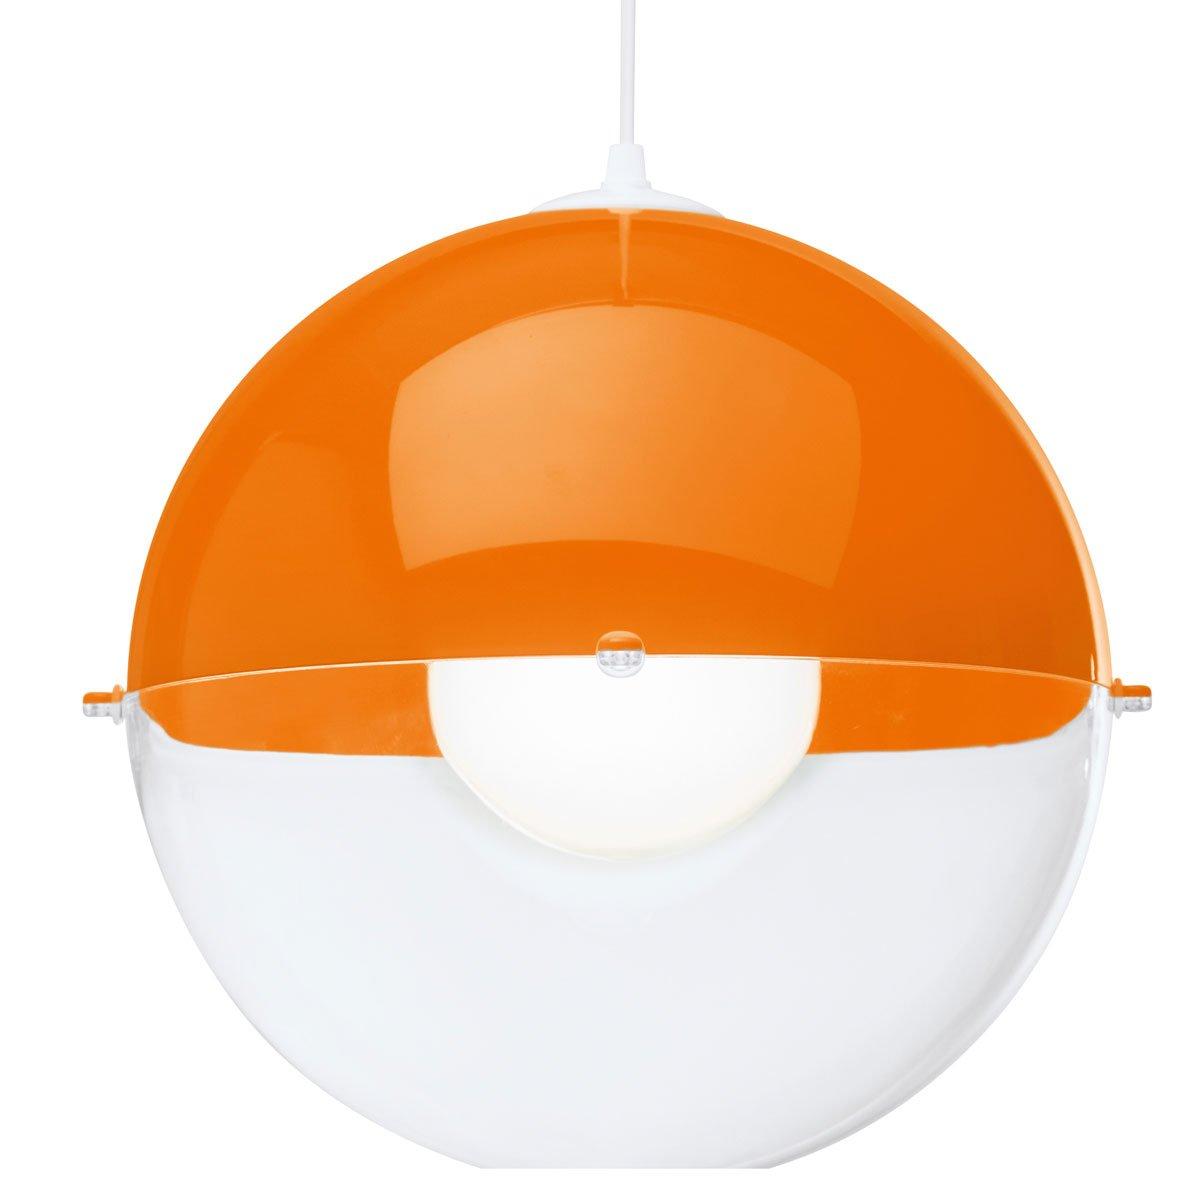 Koziol Pendelleuchte Orion Solid, orange / transparent 1911118   Kundenbewertungen